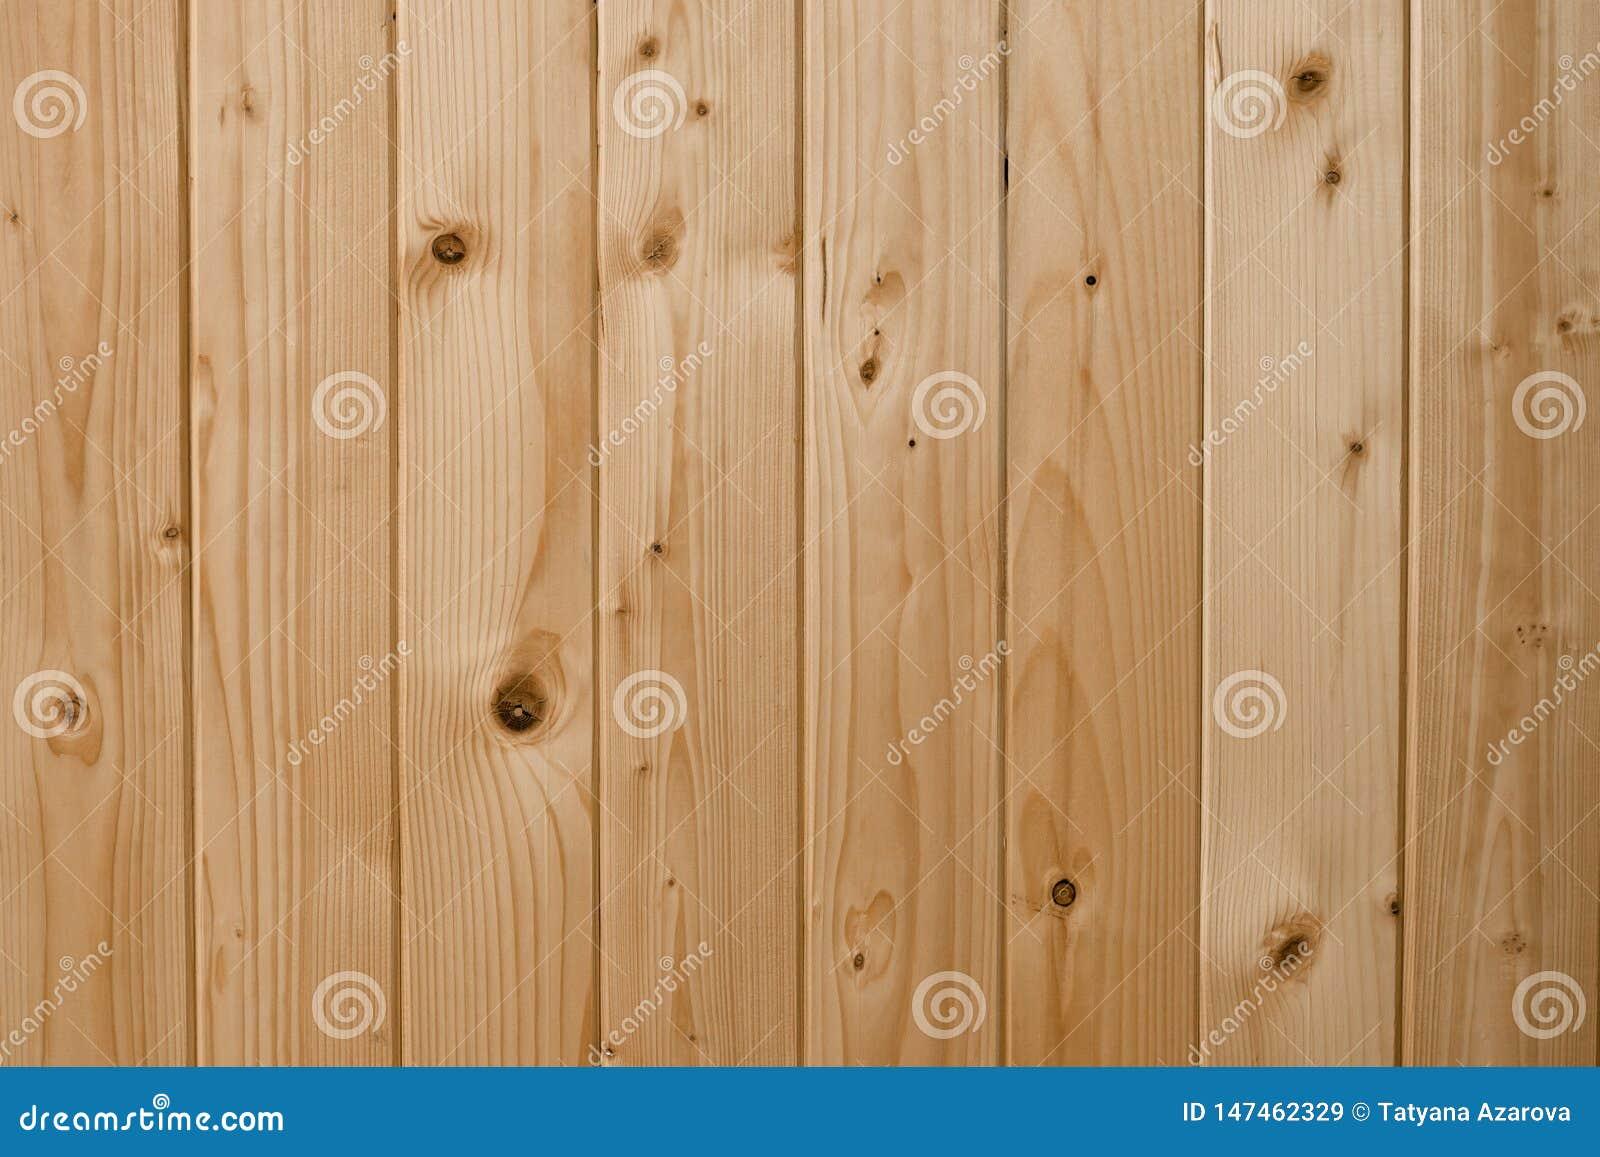 Surface en bois de pin blanc Fond de texture de bois de construction de grain Fond en bois de texture, barri?re de mur en bois de